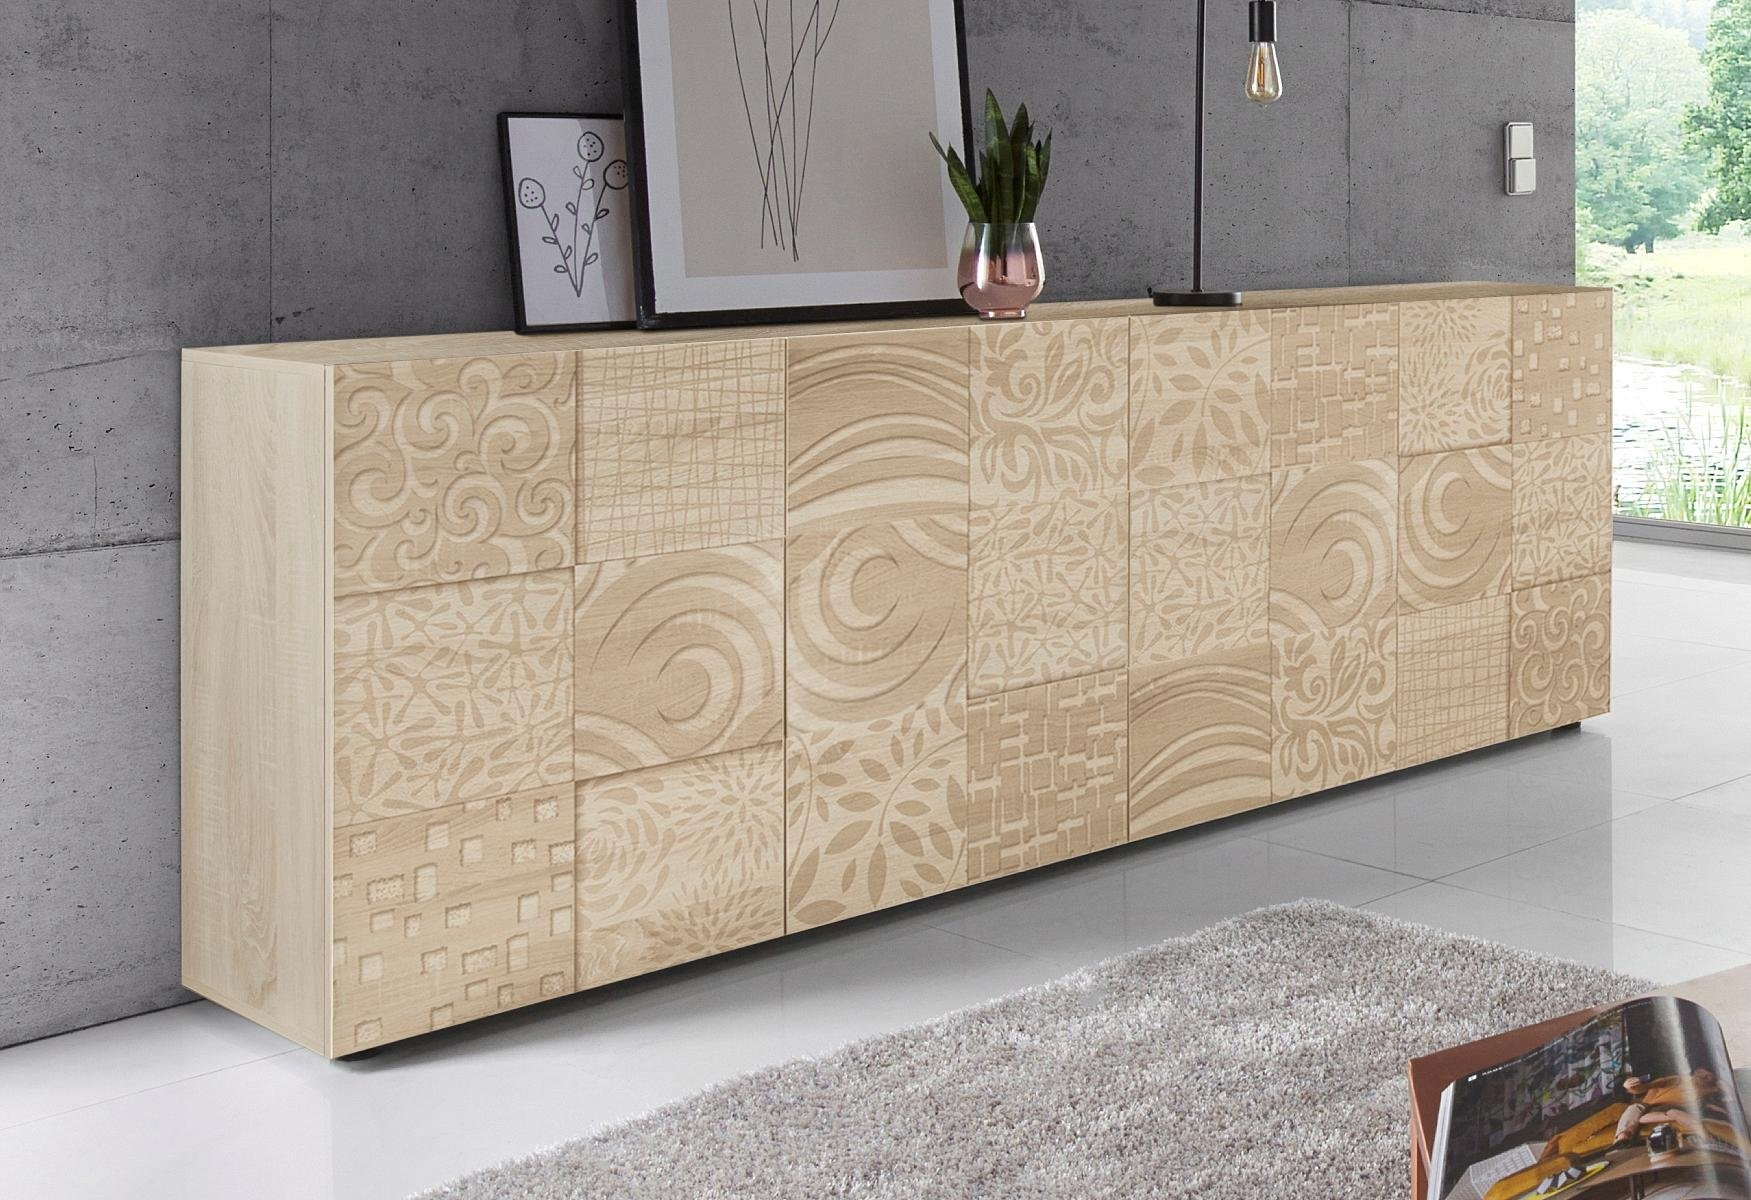 Lc »Miro« dressoir, breedte 241 cm met decoratieve zeefdruk nu online kopen bij OTTO